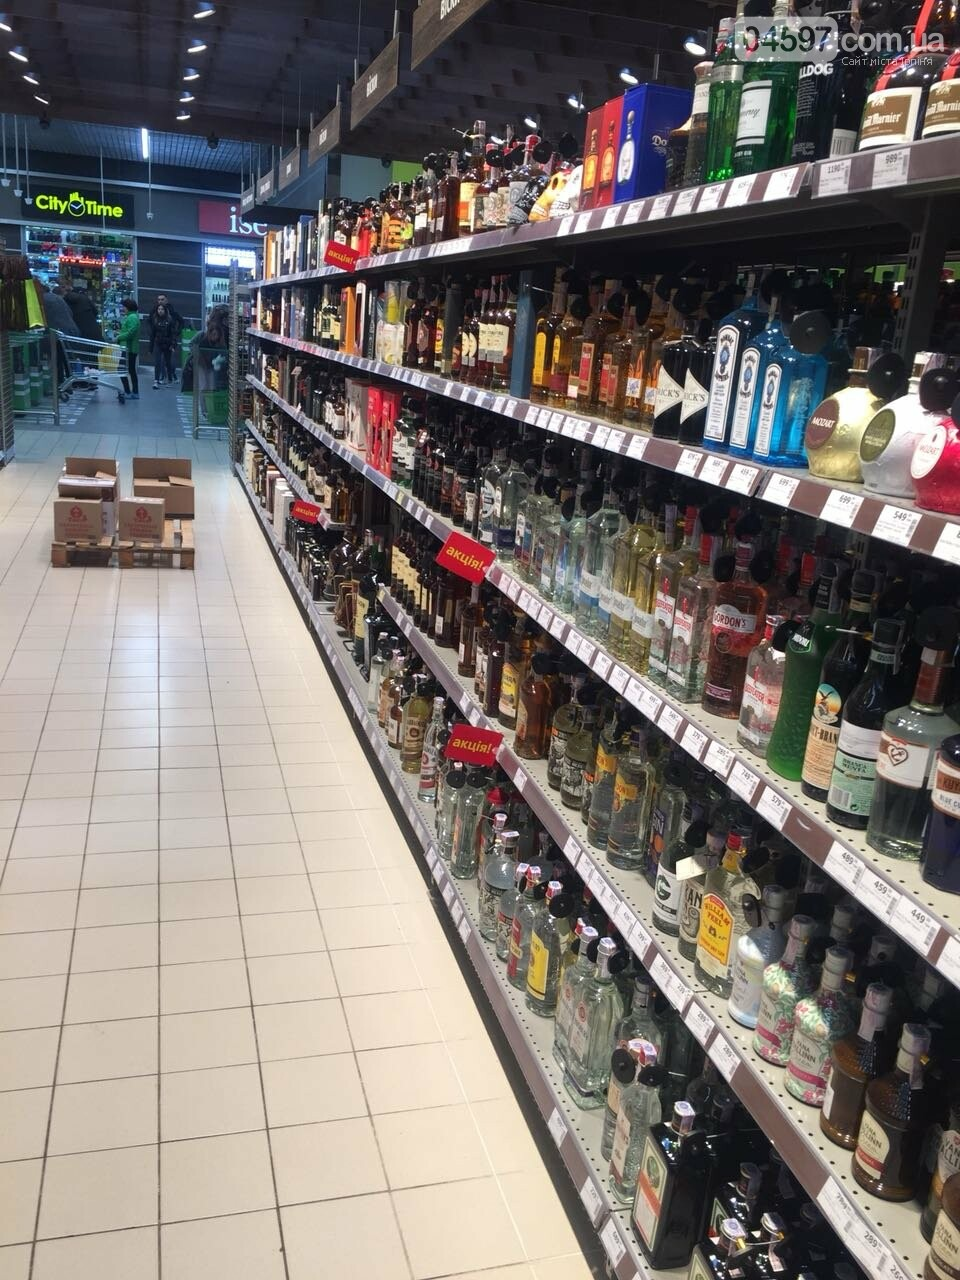 Мережі Novus - 10 років: у супермаркеті море знижок, фото-7